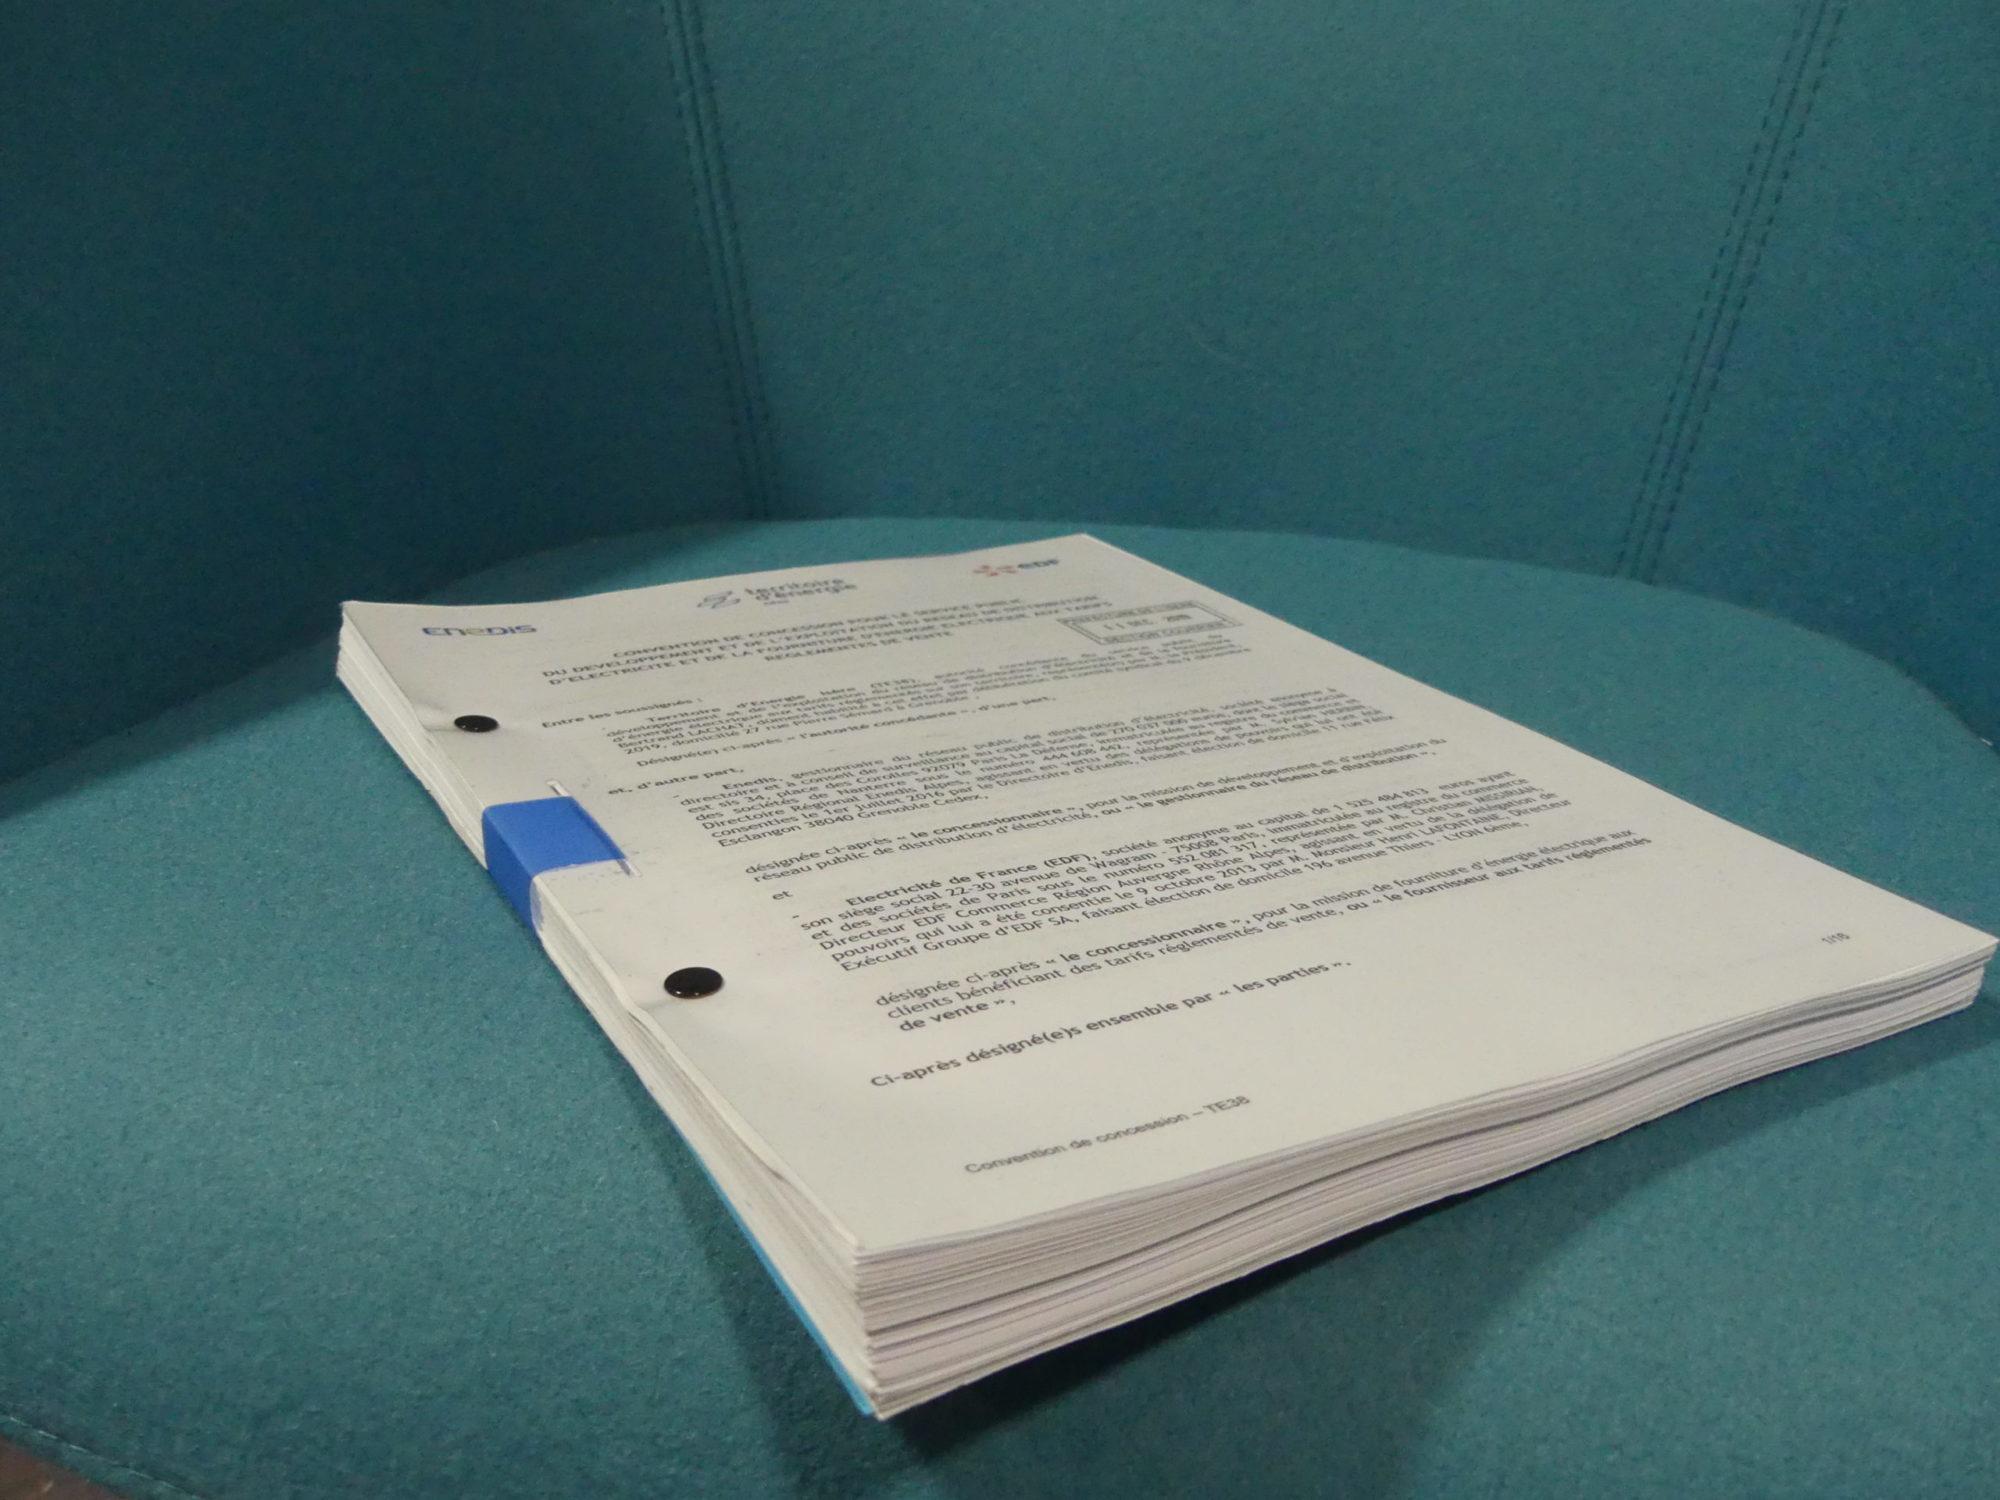 Le nouveau contrat de concession électricité